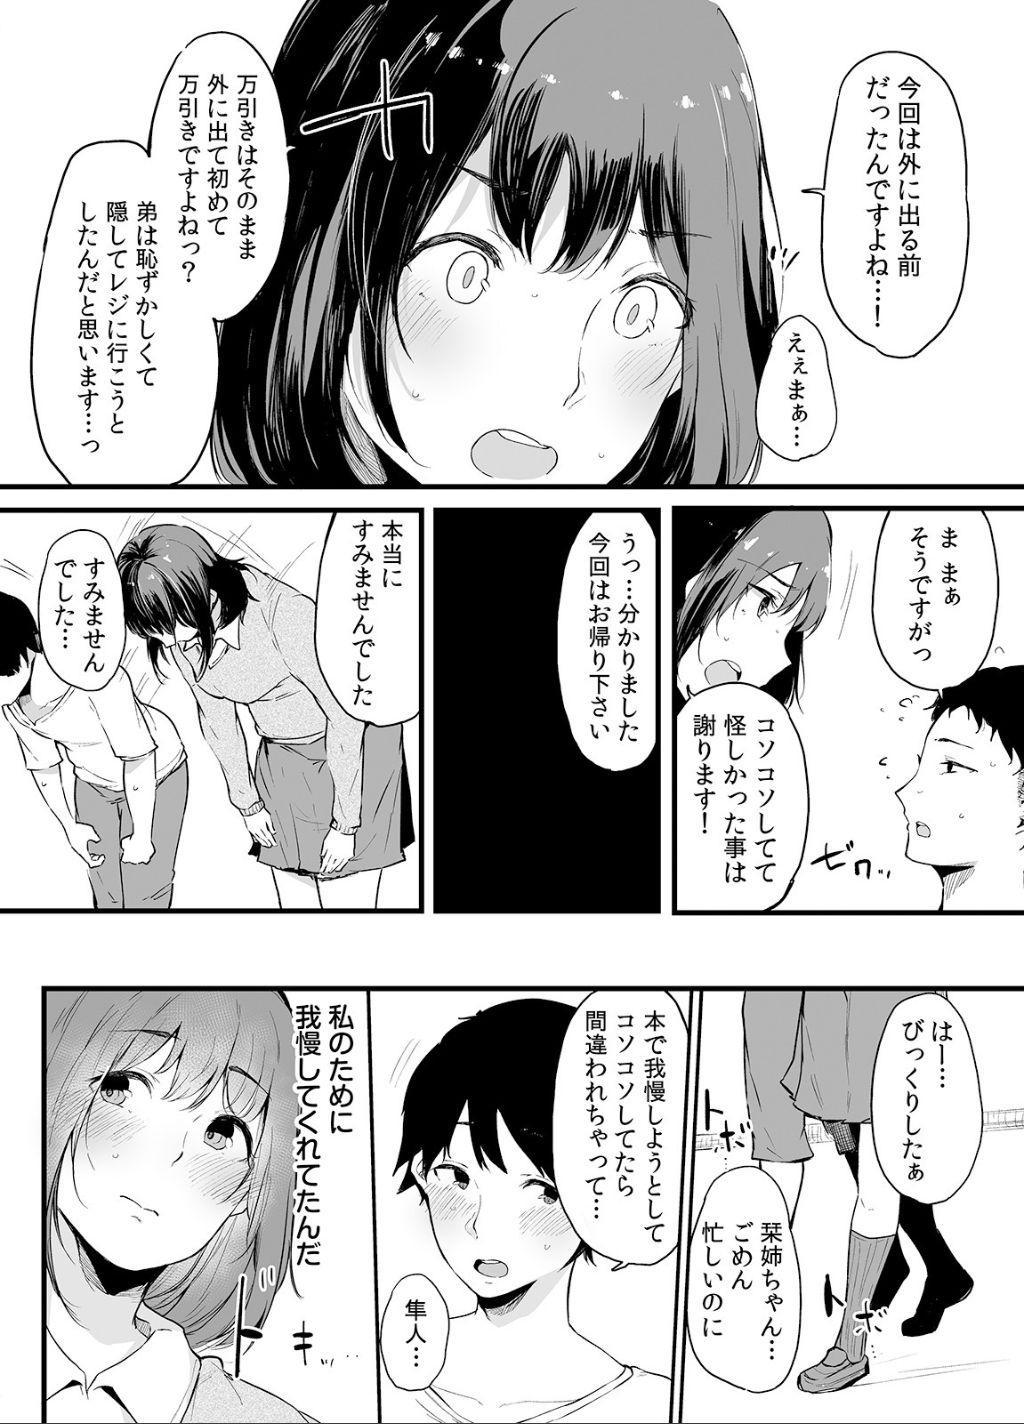 Otouto ni Ero Manga to Onaji Koto o Sare Chau o Nee-chan no Hanashi 2 43